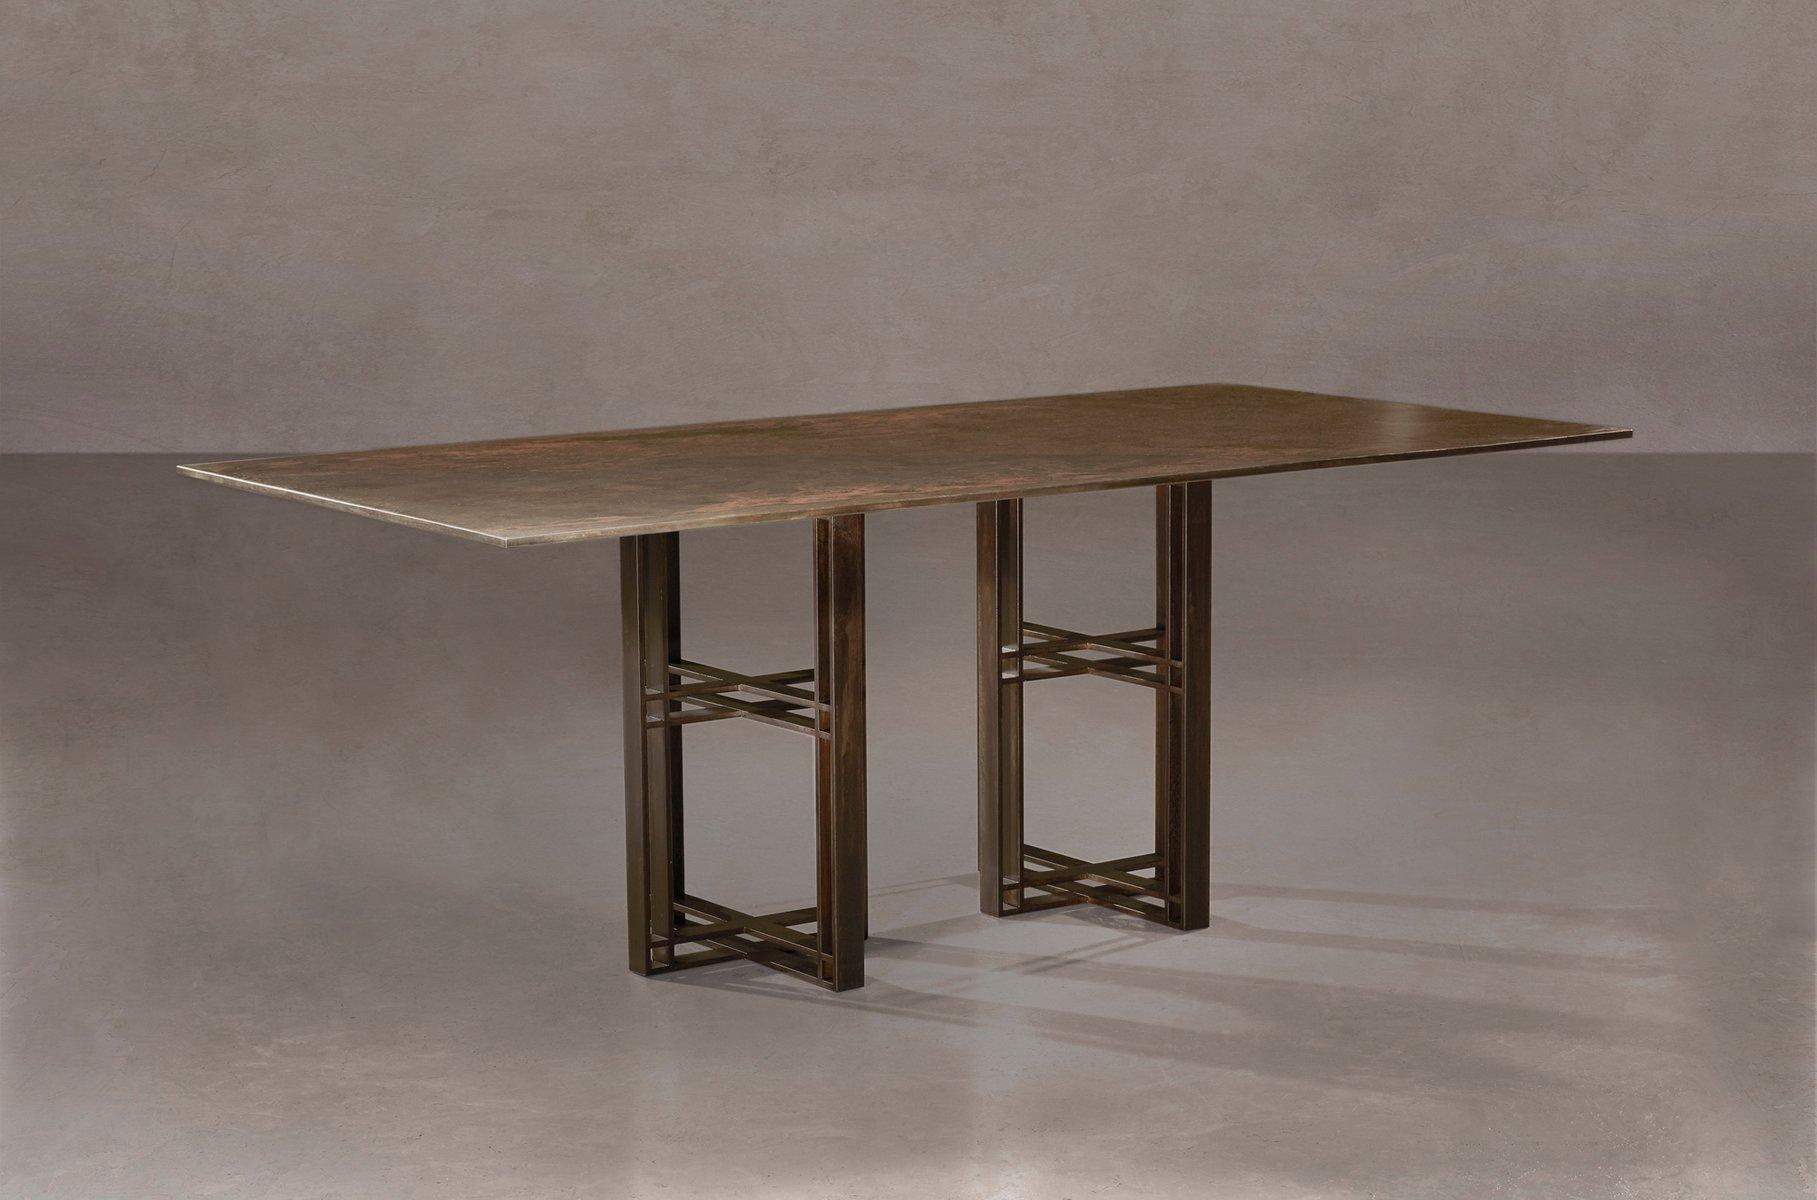 athwart esstisch von richy almond f r novocastrian bei pamono kaufen. Black Bedroom Furniture Sets. Home Design Ideas